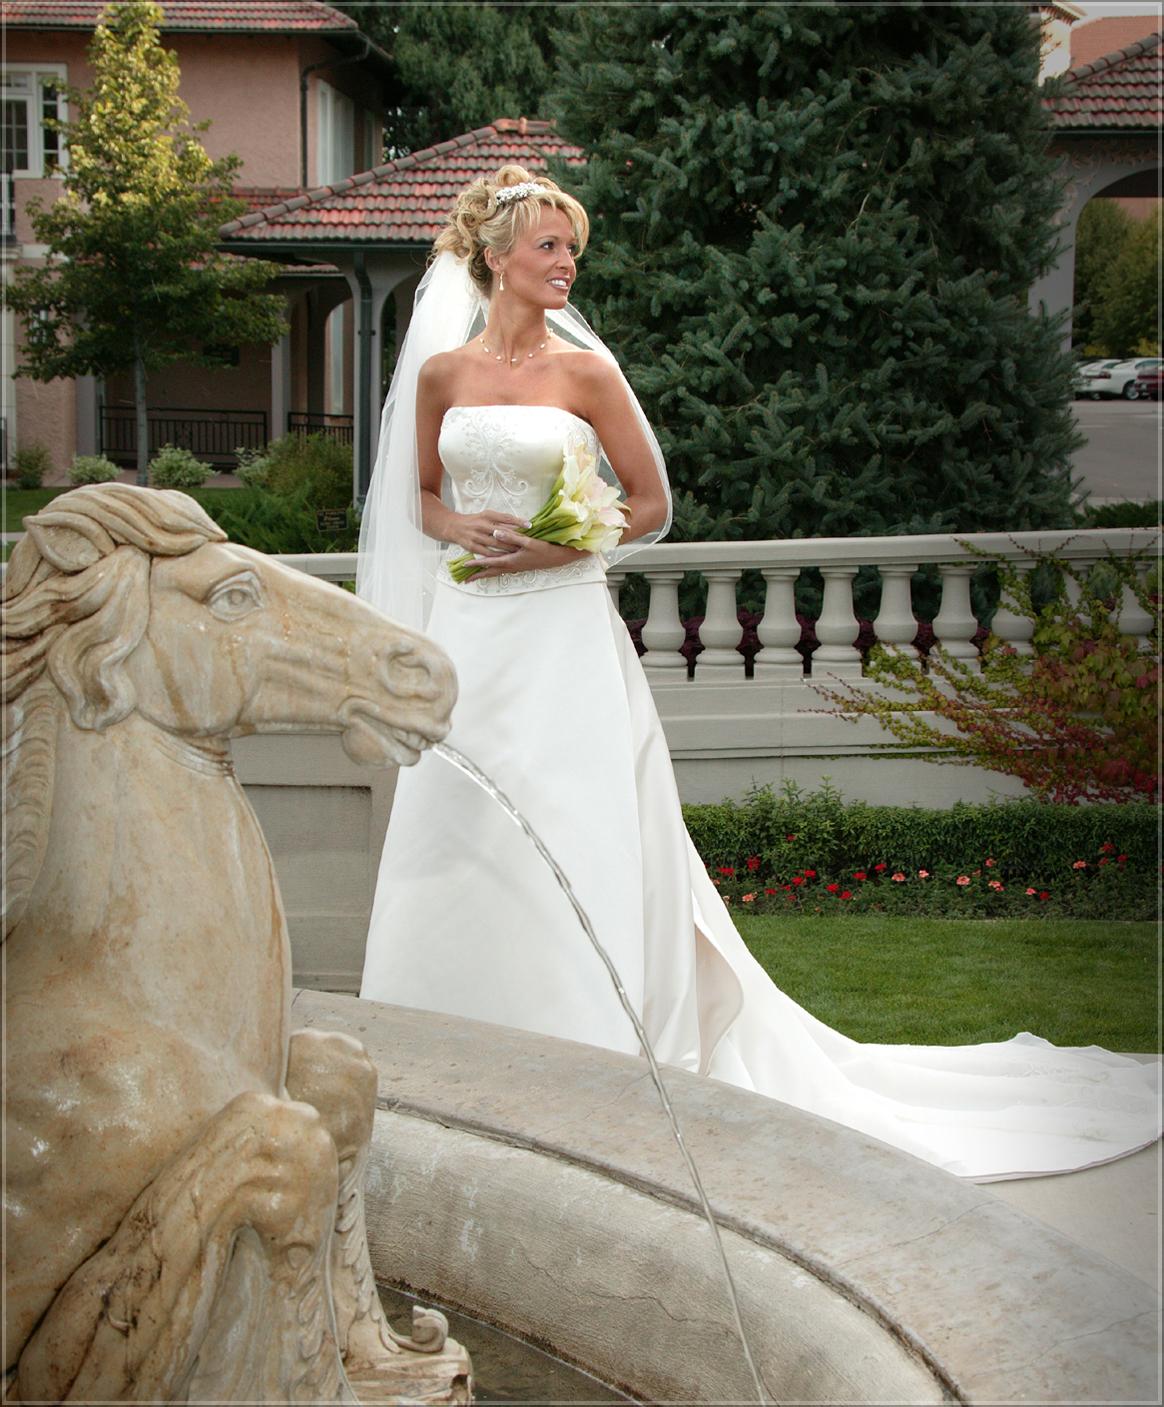 Broadmoor Hotel Fountain Bride